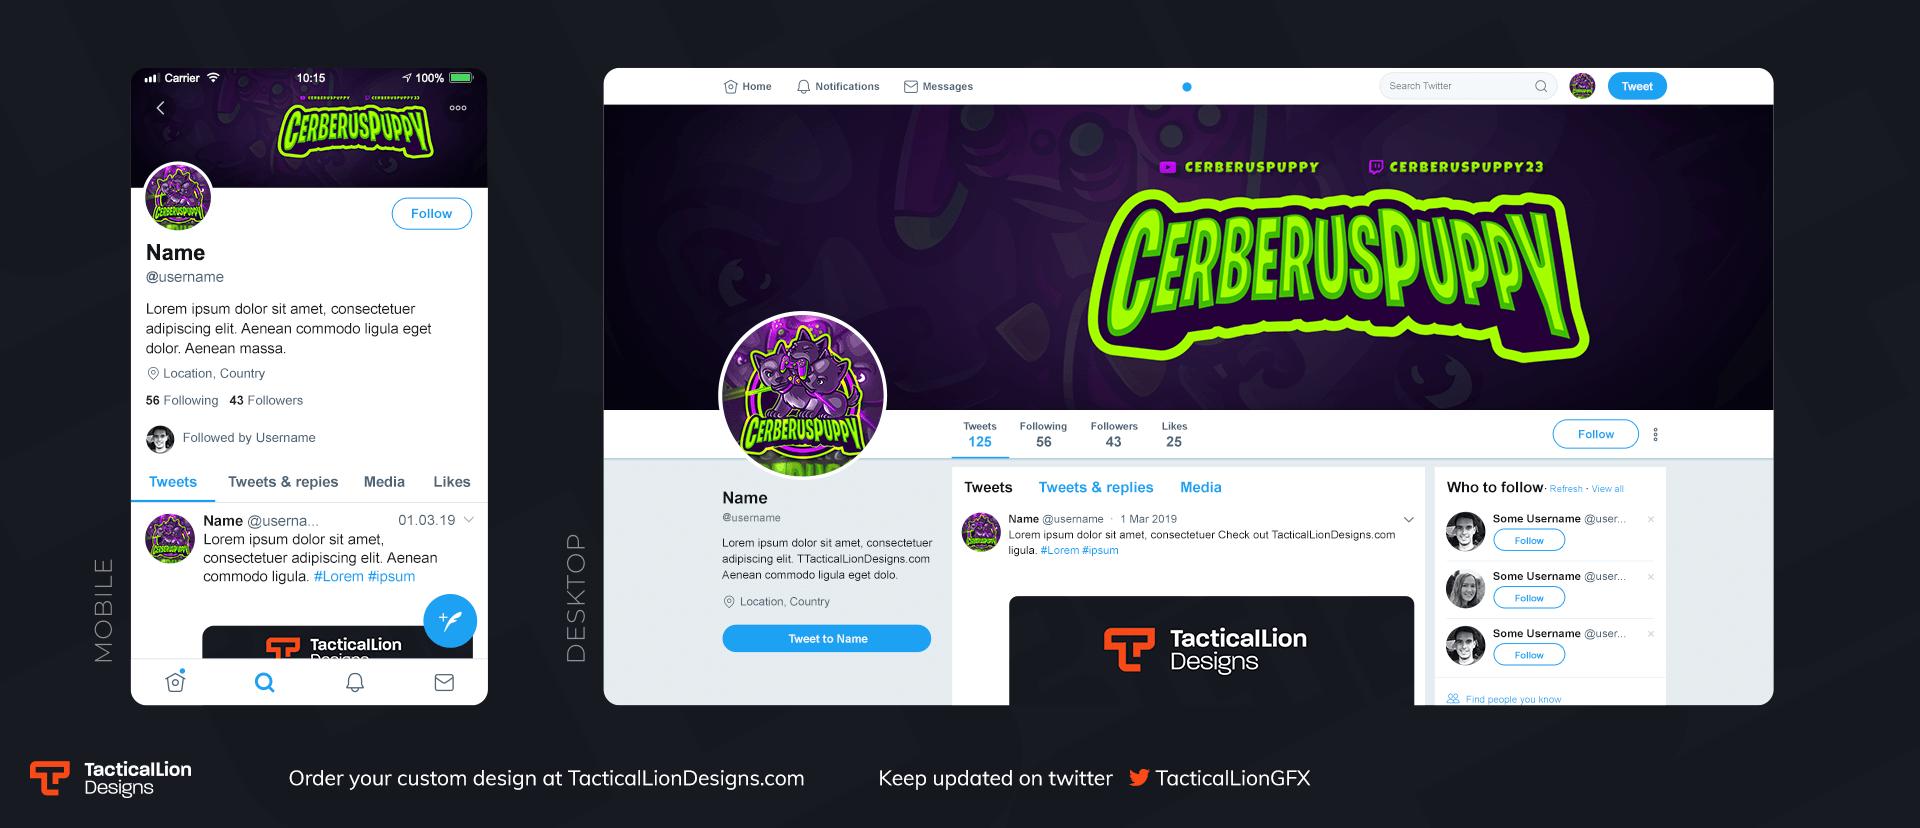 Twitter Header CerberusPuppy